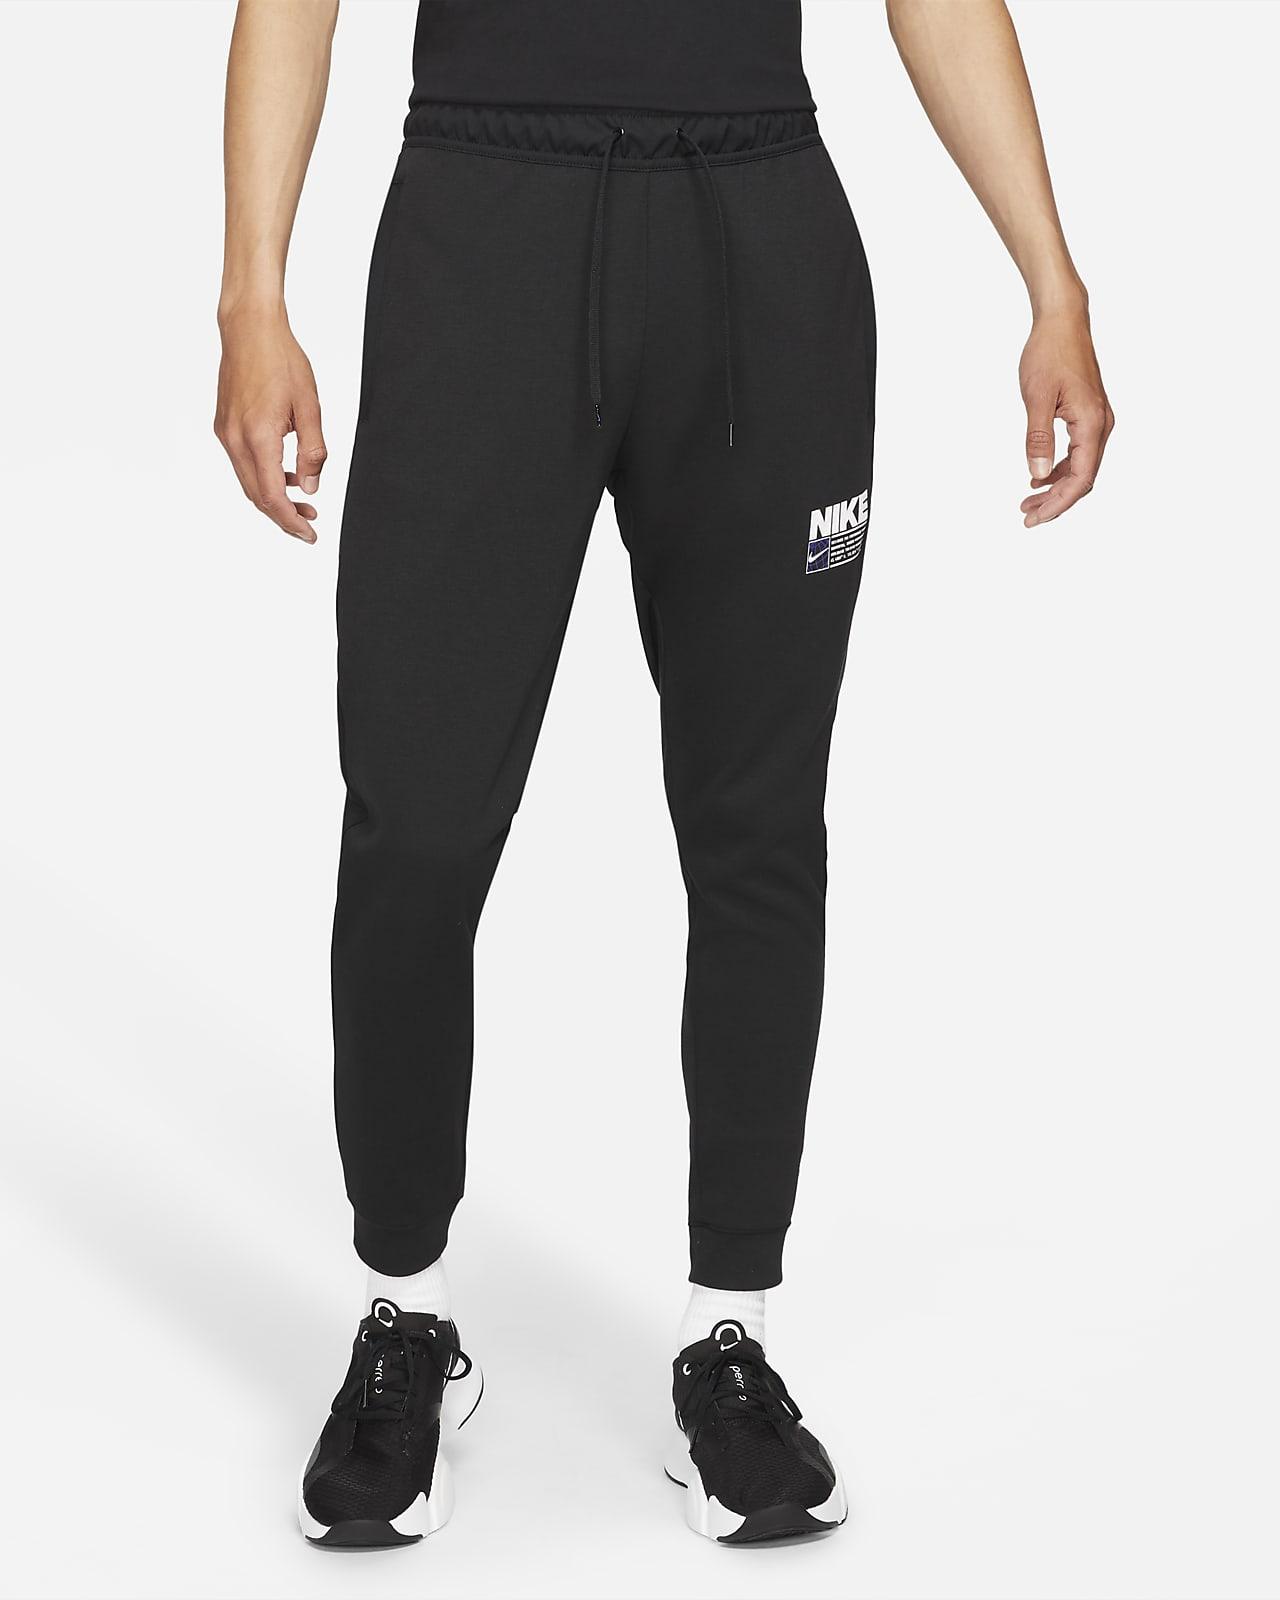 Nike Dri-FIT Men's Tapered Training Pants